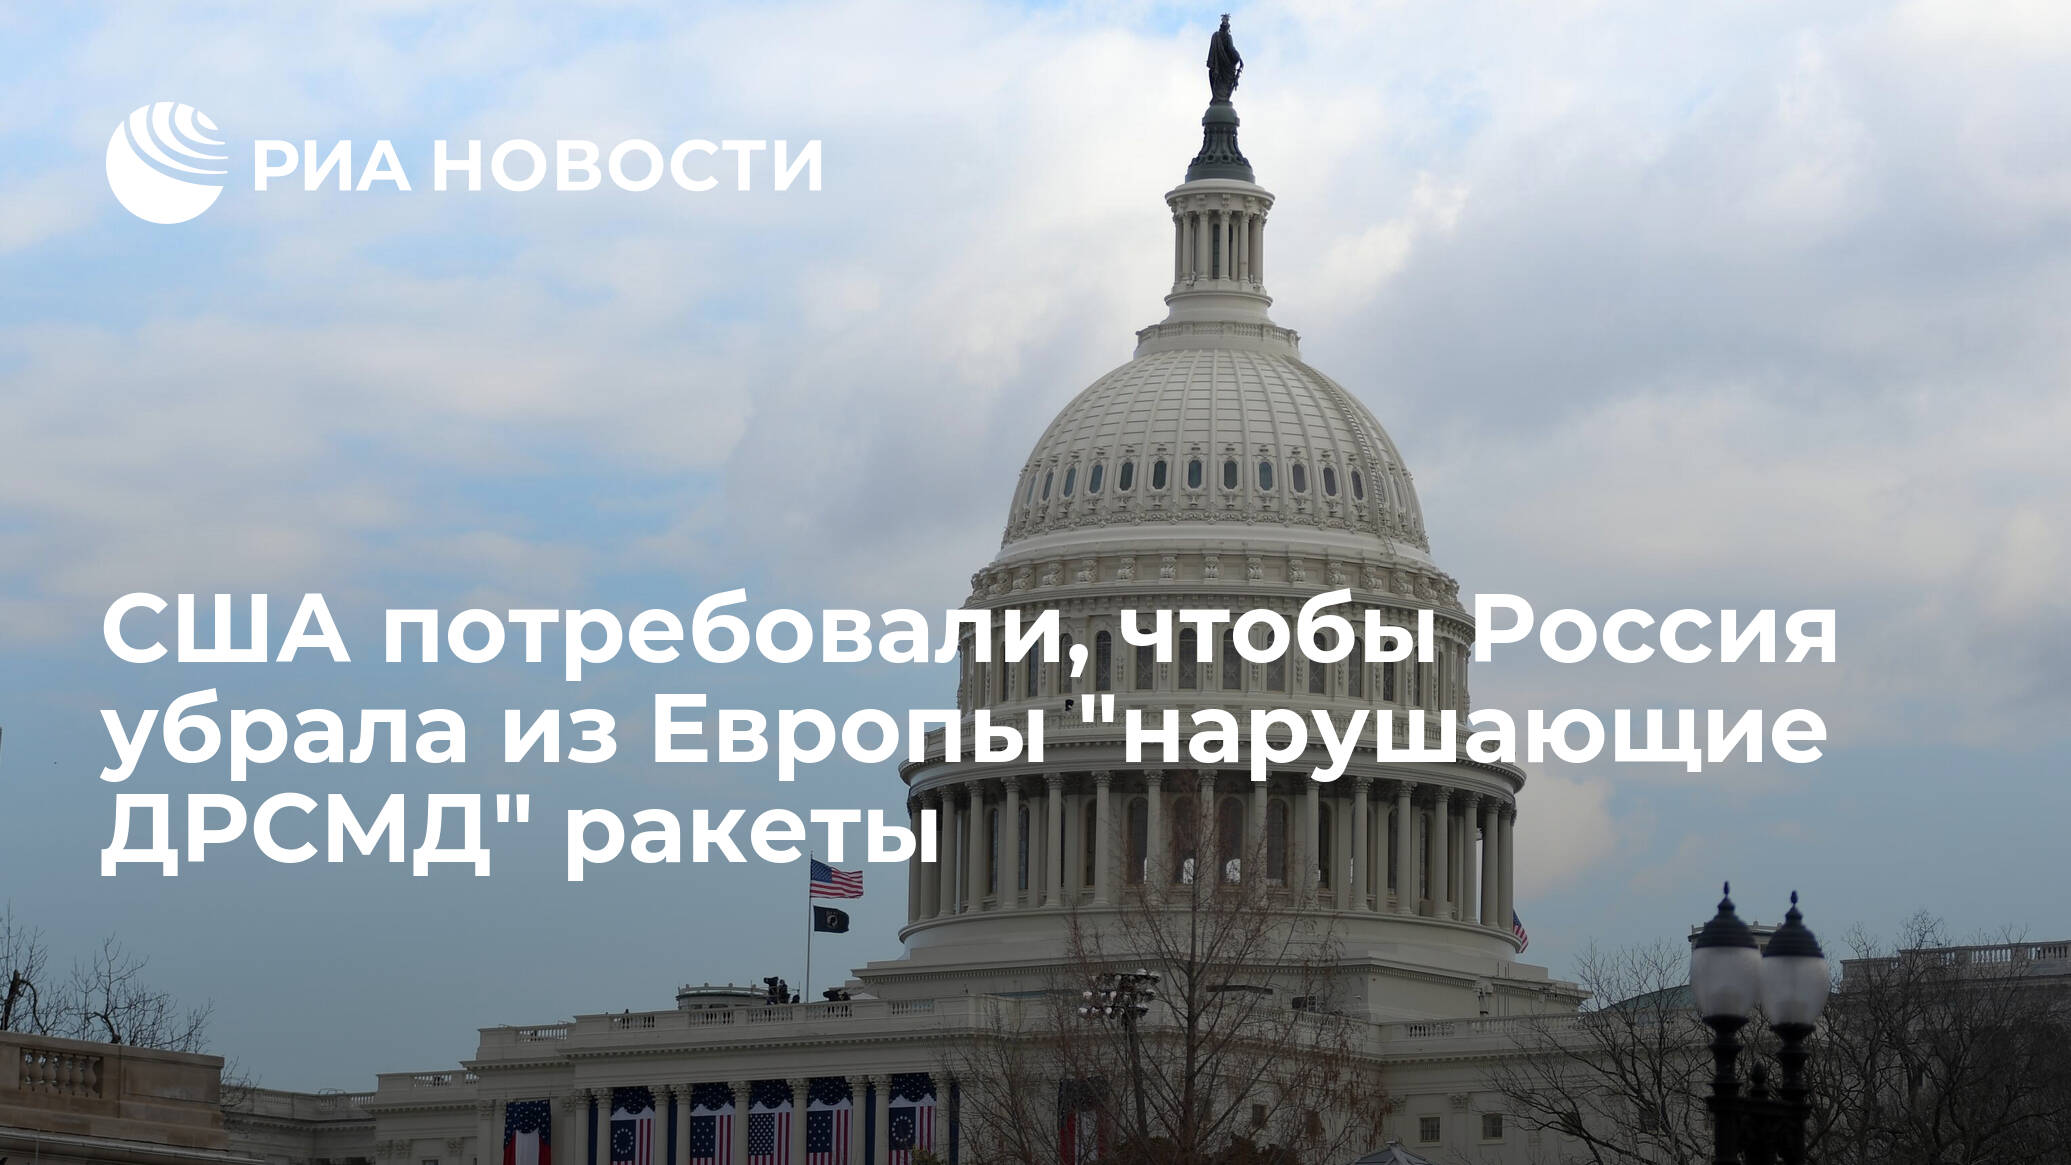 """США потребовали, чтобы Россия убрала из Европы """"нарушающие ДРСМД"""" ракеты - РИА Новости, 14.10.2021"""